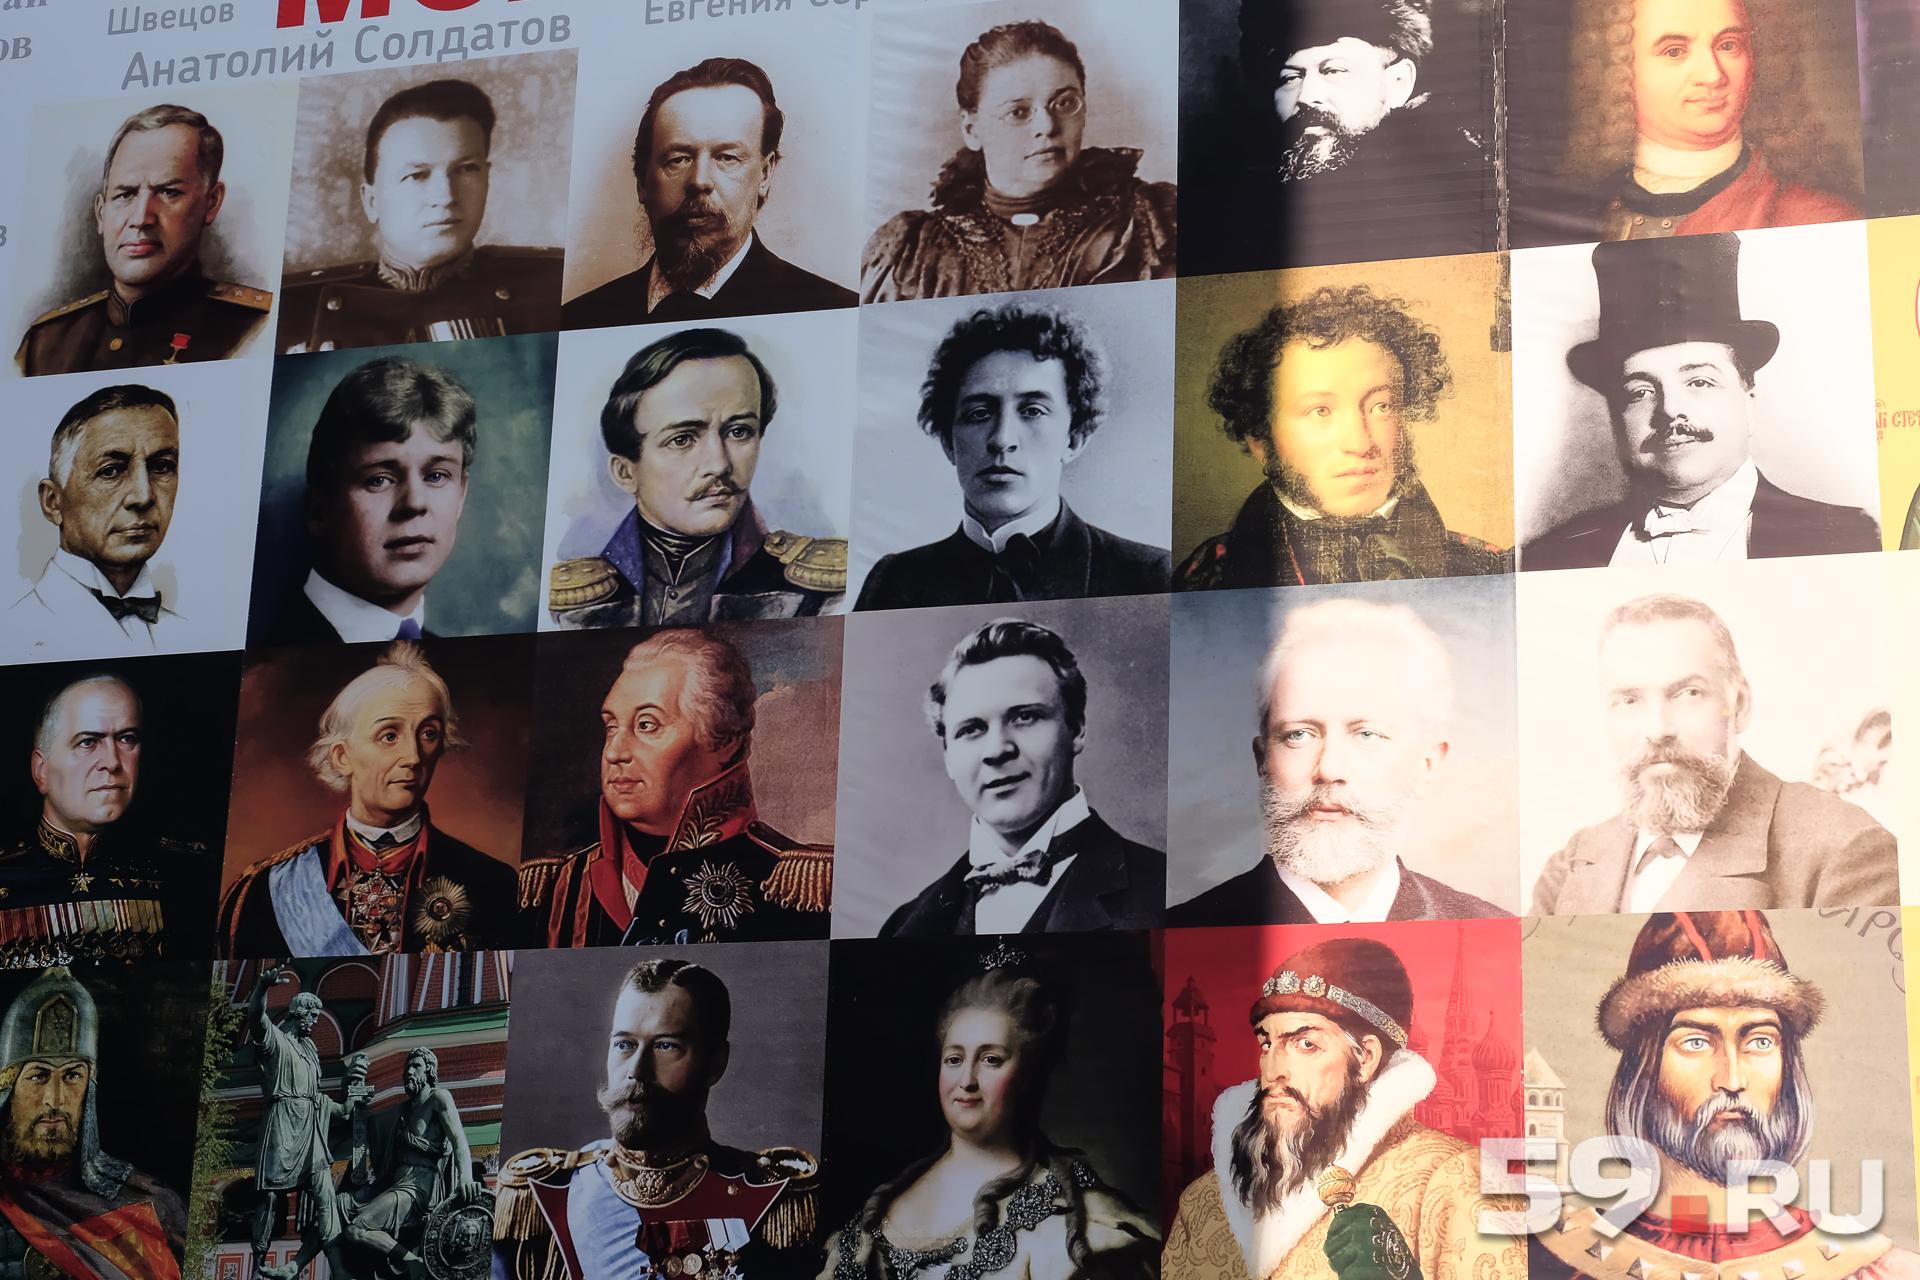 На плакате изображены портреты известных российских и советских деятелей